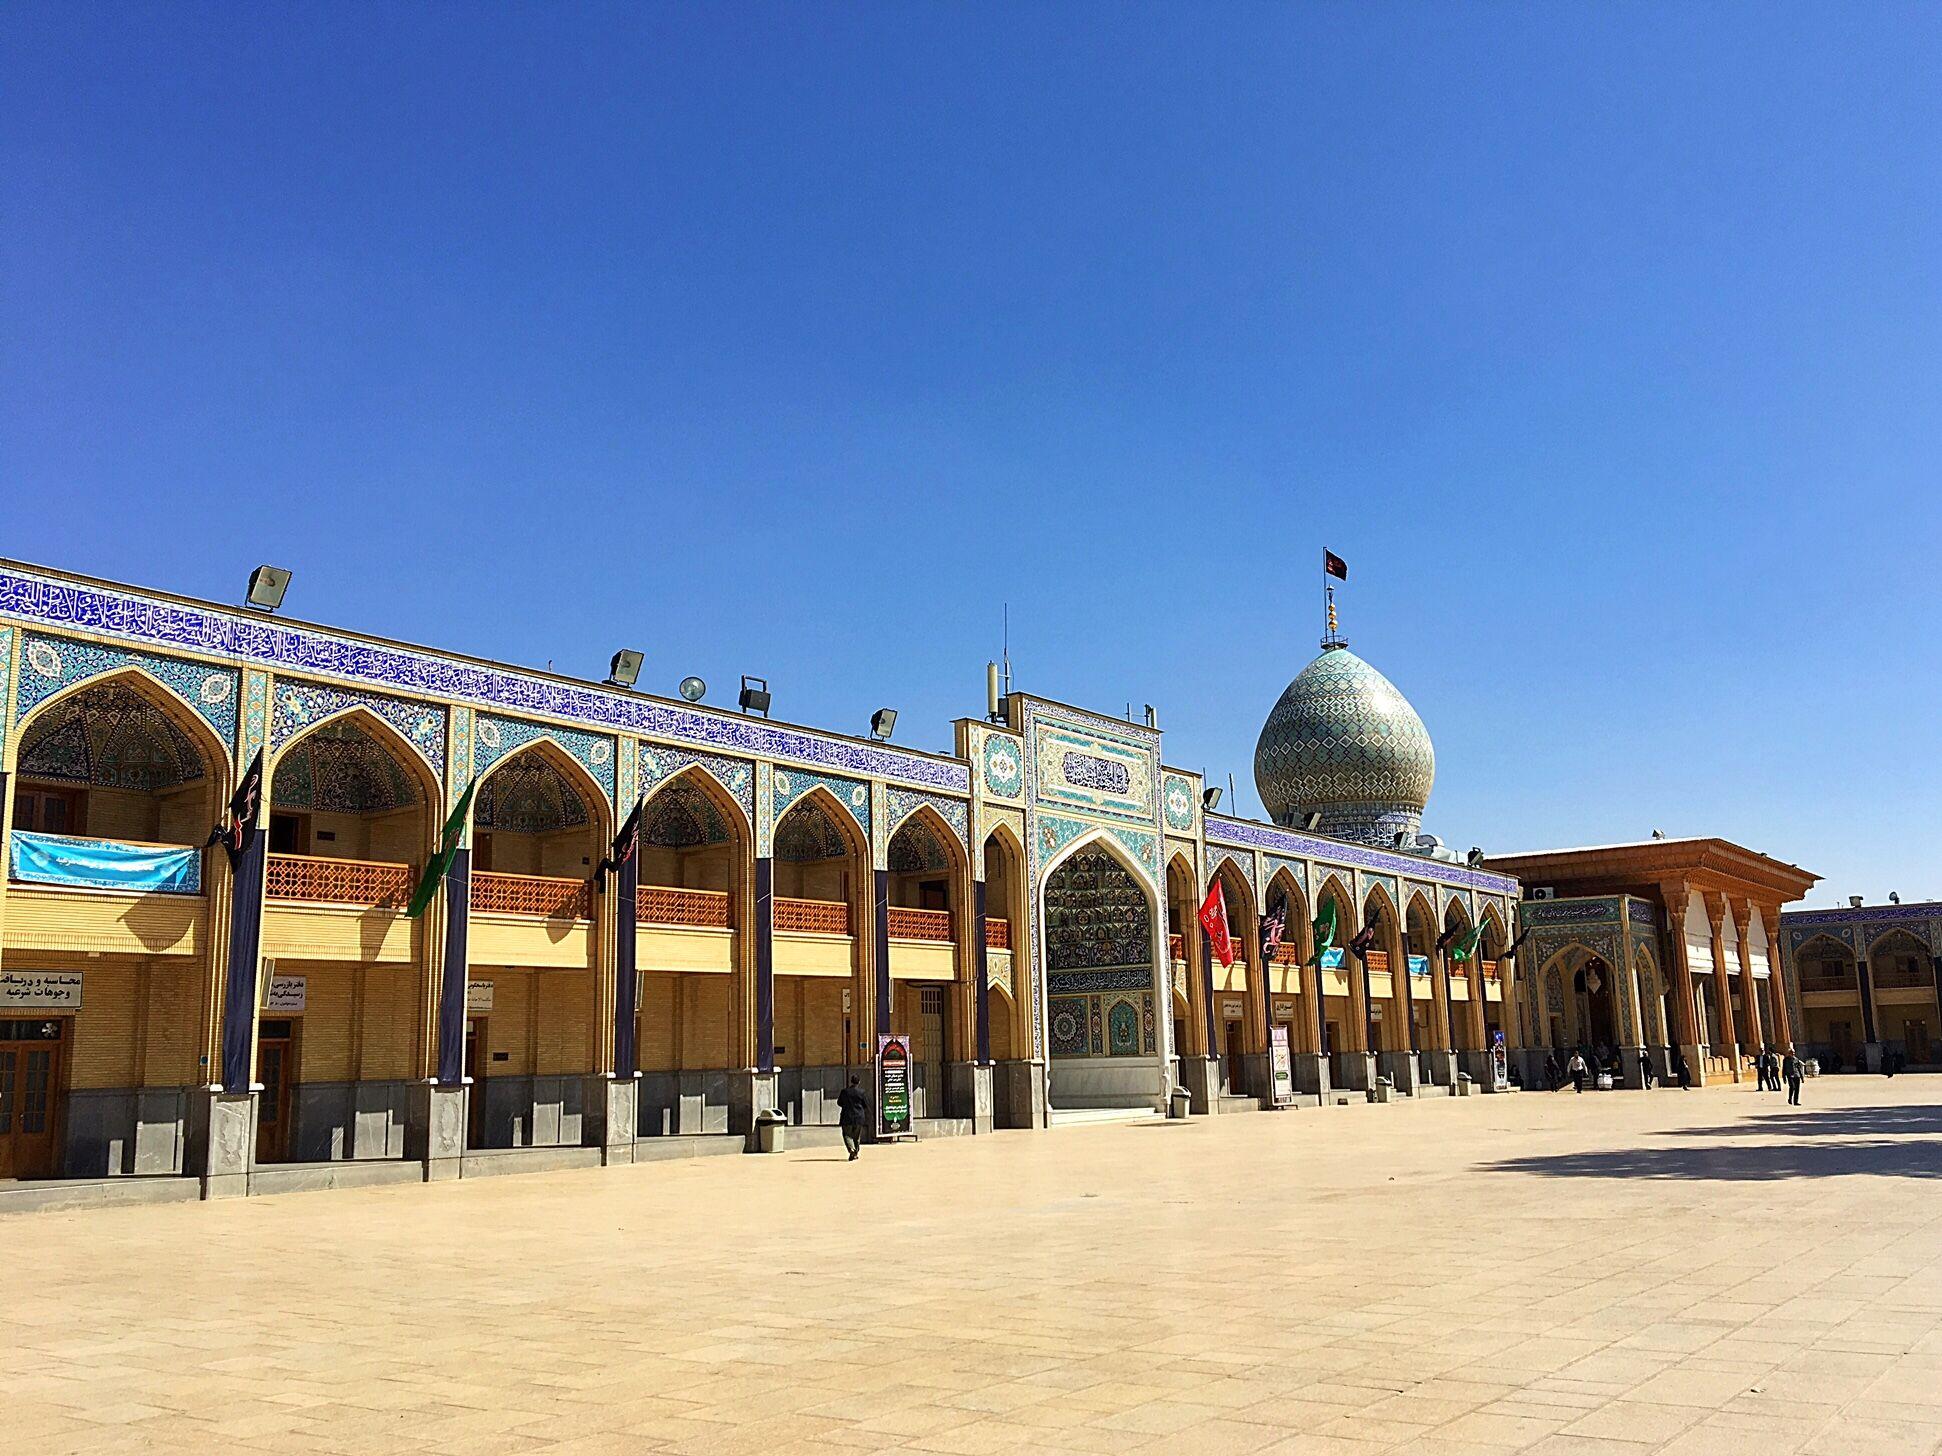 Площадь в комплексе Шах Шерах